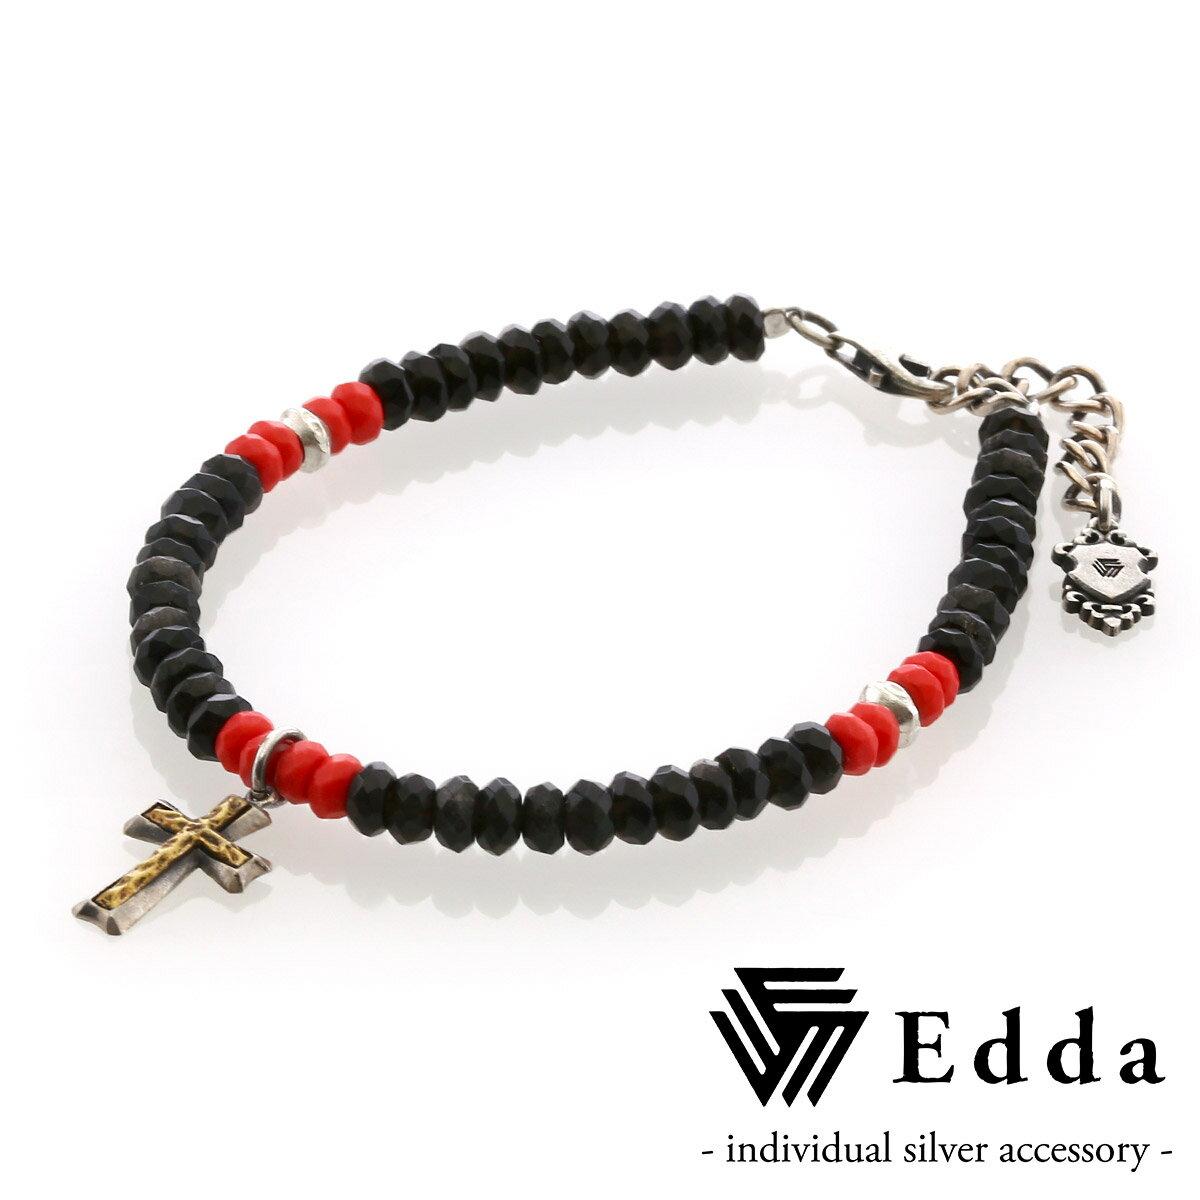 エッダ【Edda】クロスチャーム ビーズブレスレット レディス EB-001-RB-L